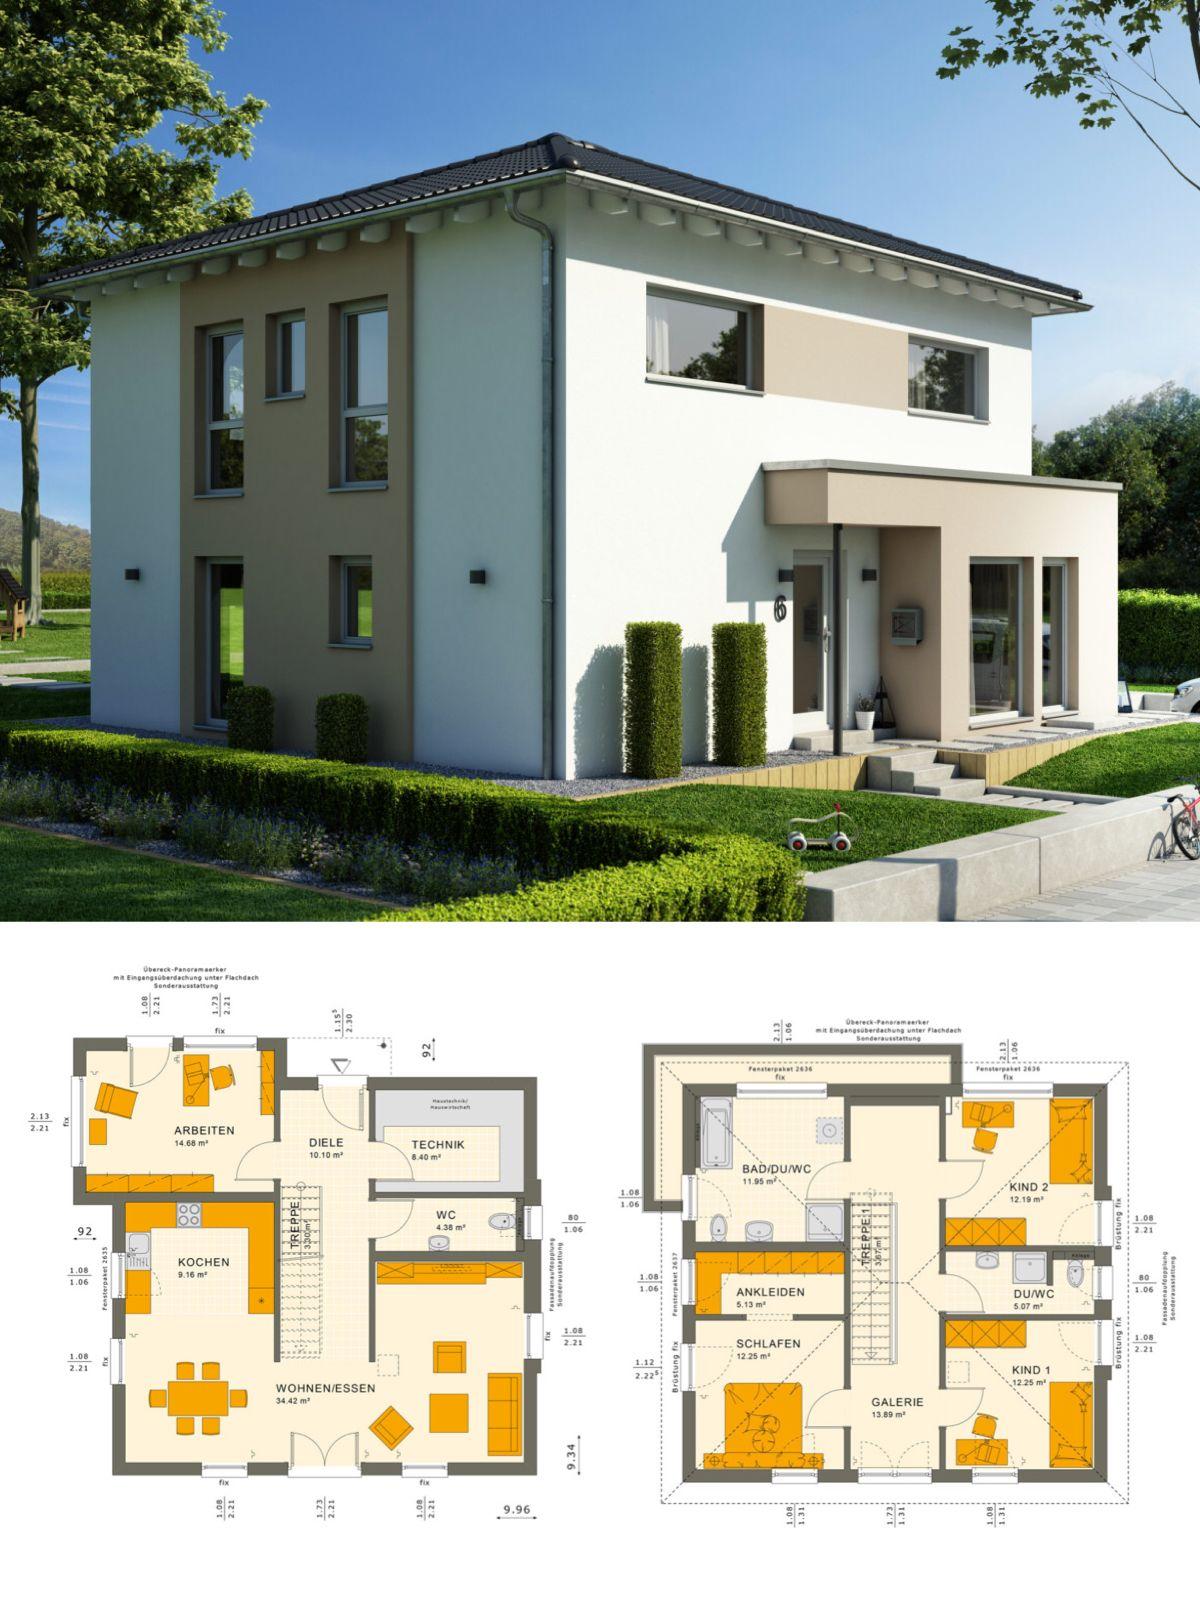 Modernes Einfamilienhaus mit Galerie & Walmdach Architektur ...